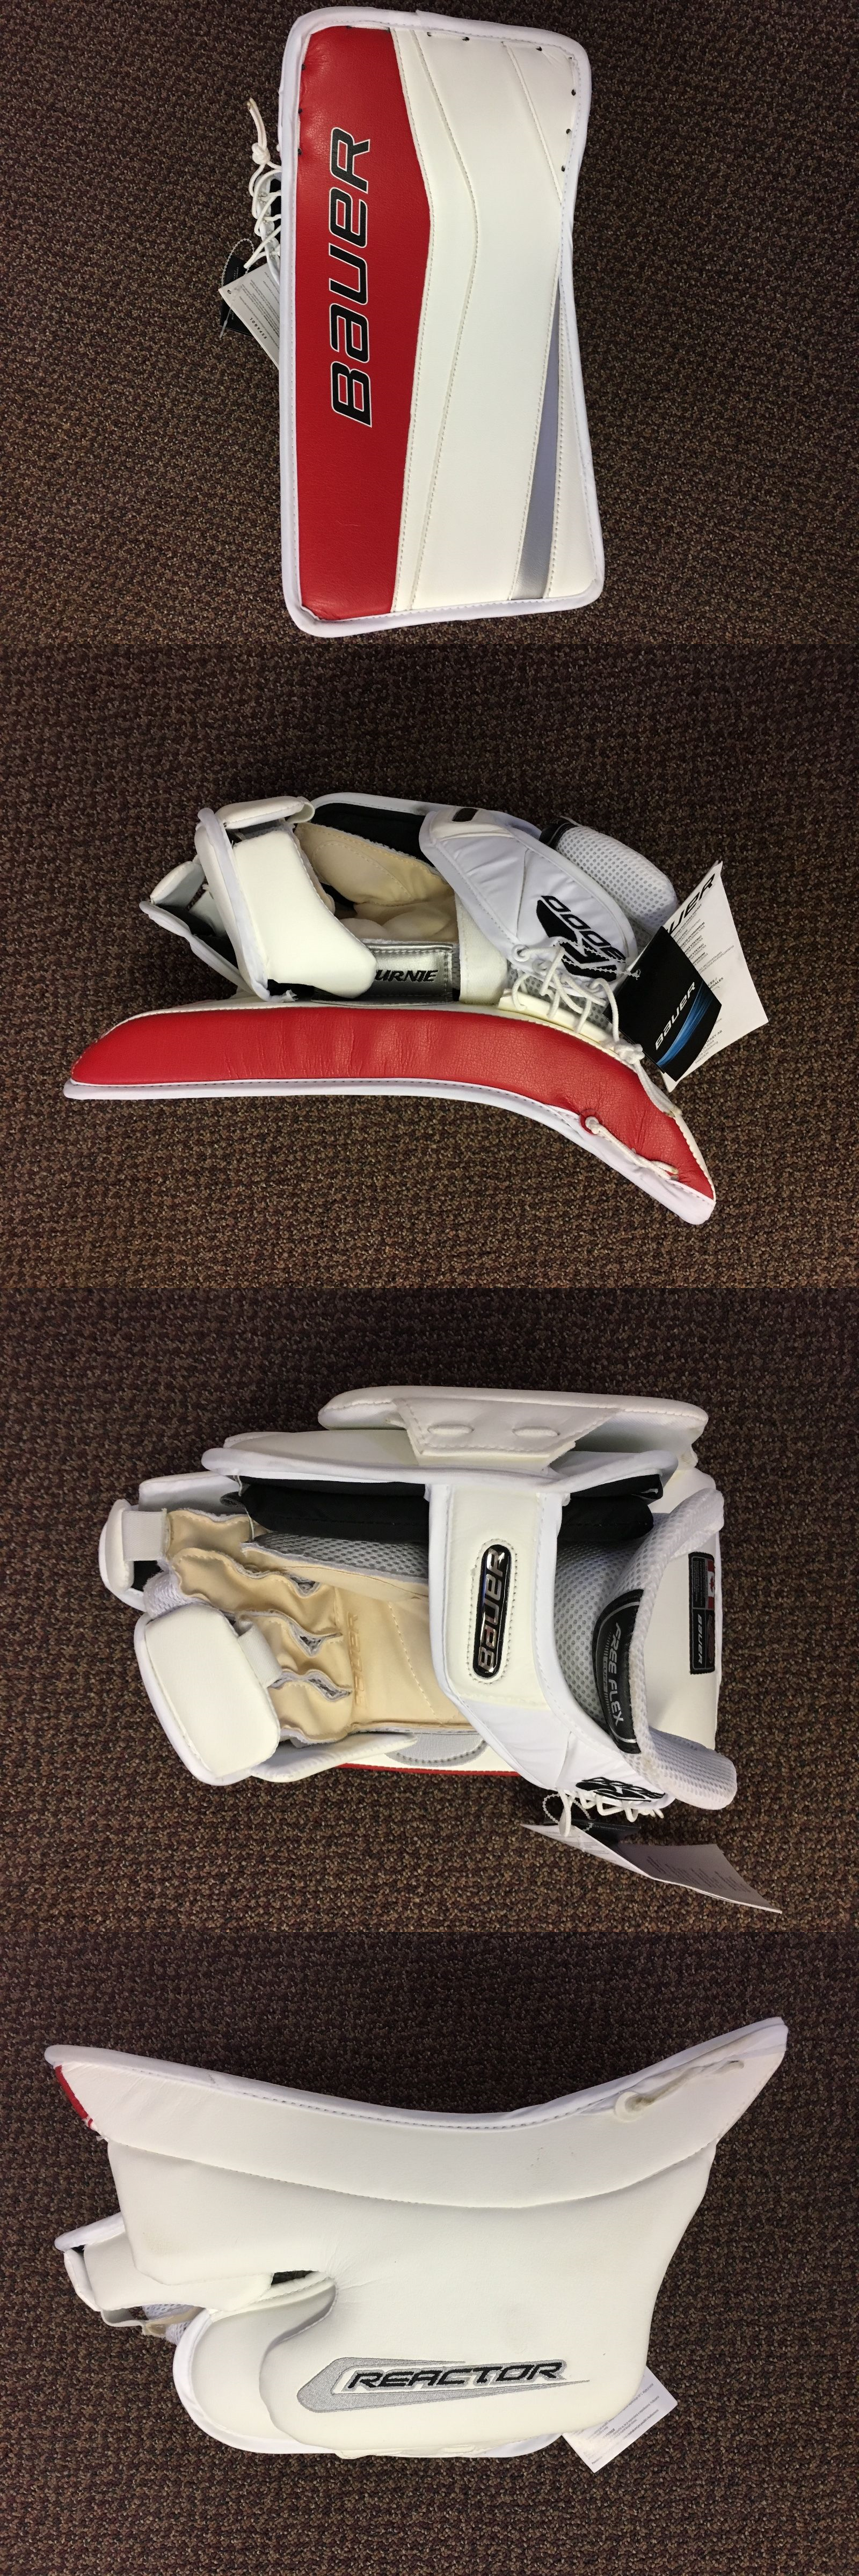 Gloves and Blockers 79763: Bauer Reactor 9000 Custom Senior Goalie Blocker - Shu Pro Stock Return BUY IT NOW ONLY: $300.0